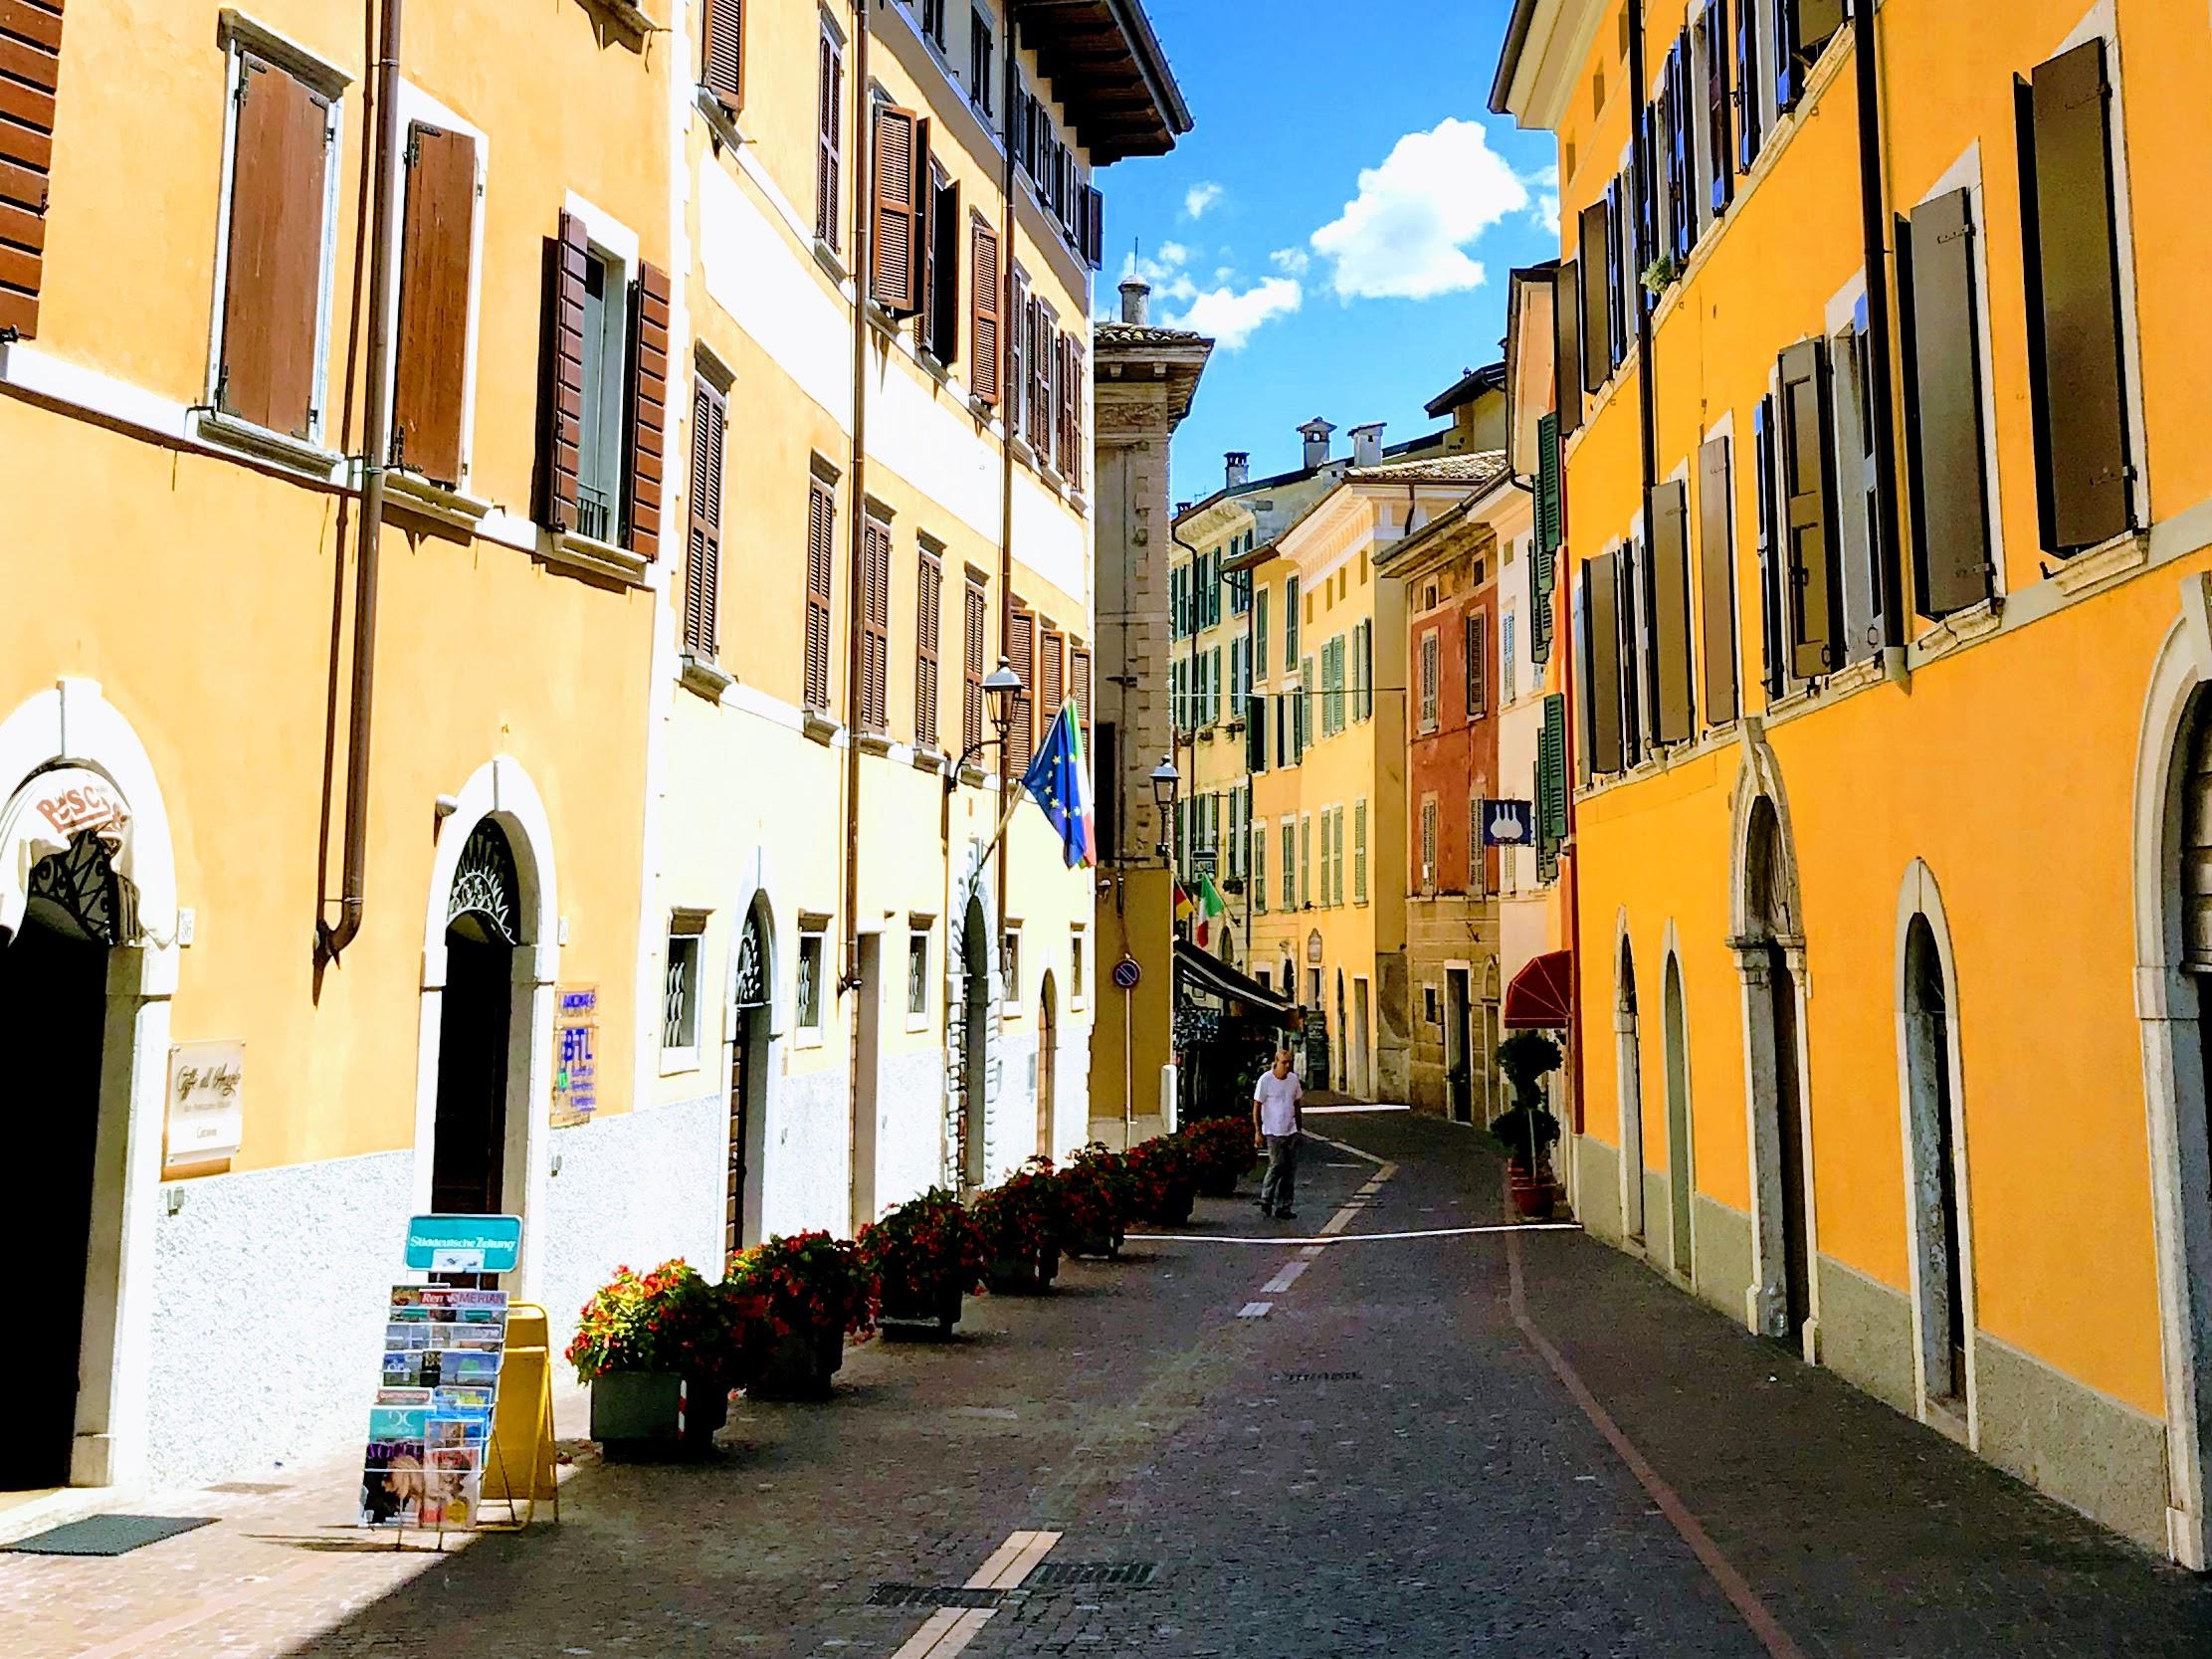 Een kleurrijk straatje in Gargnano